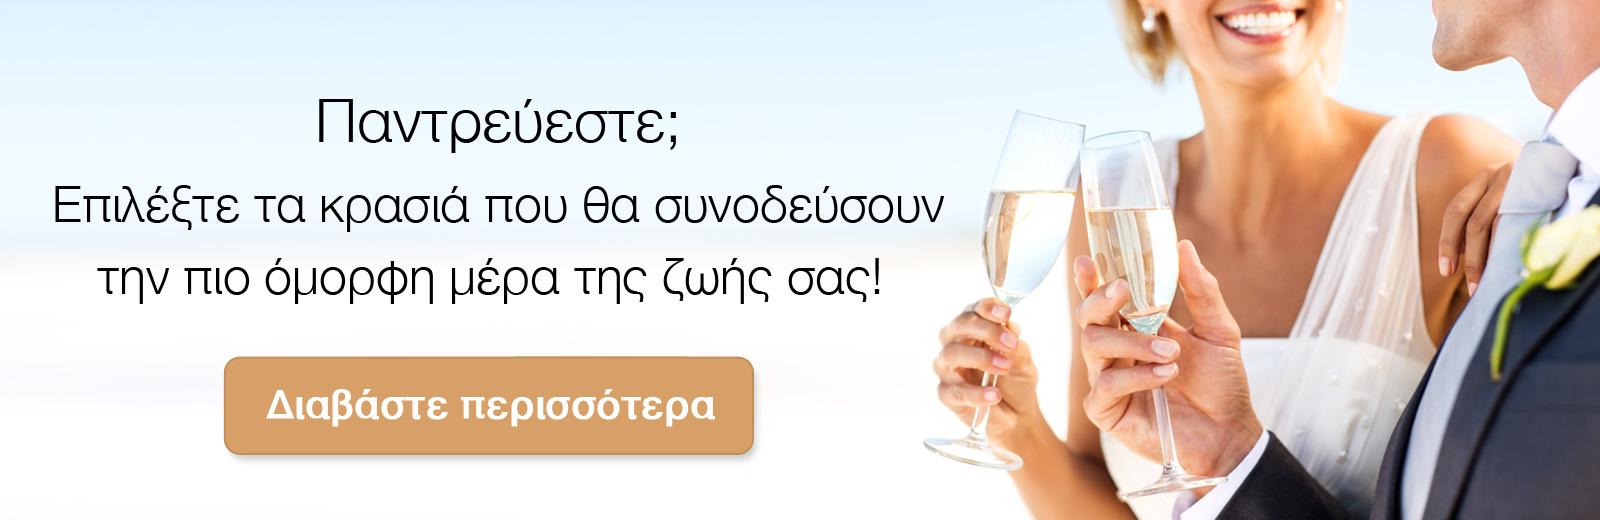 Αγοράστε κρασιά για τον γάμο σας